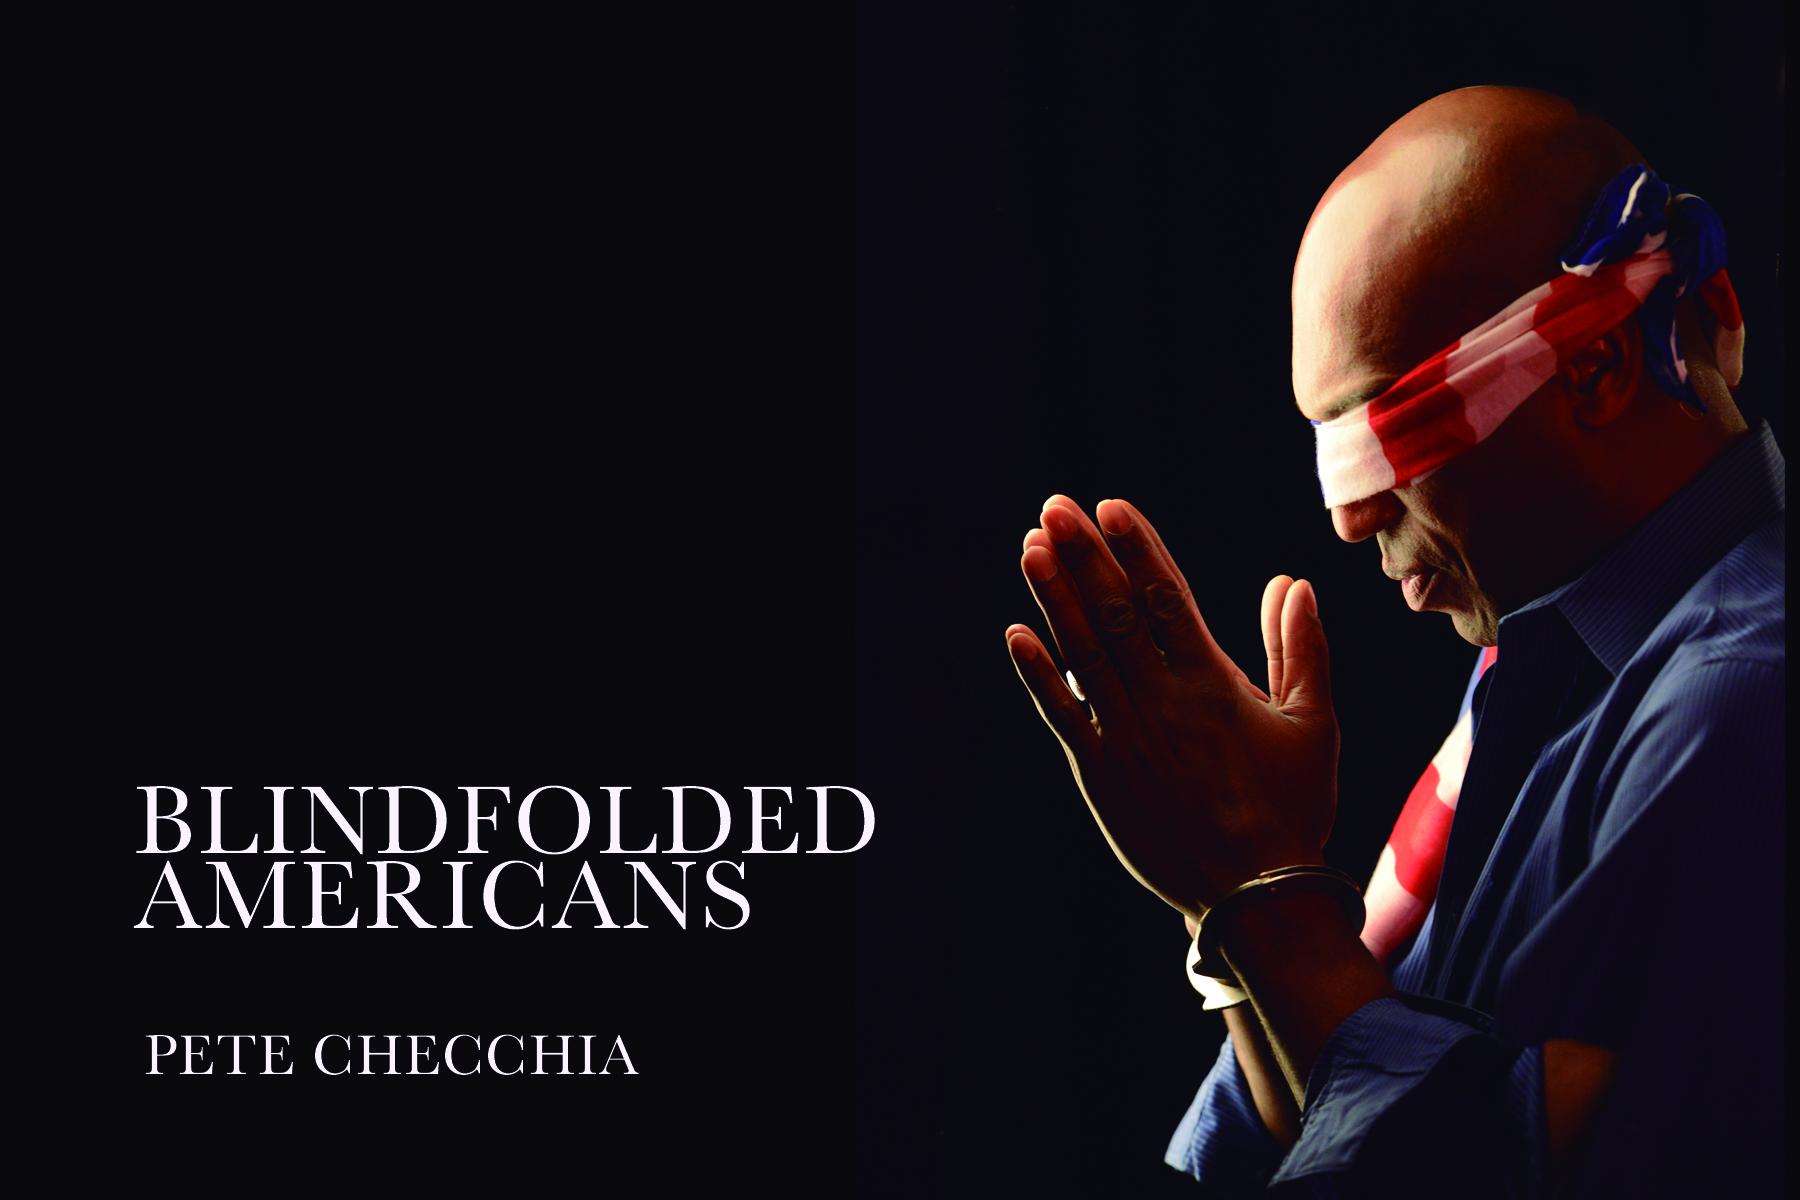 blindfolded americans 3.jpg